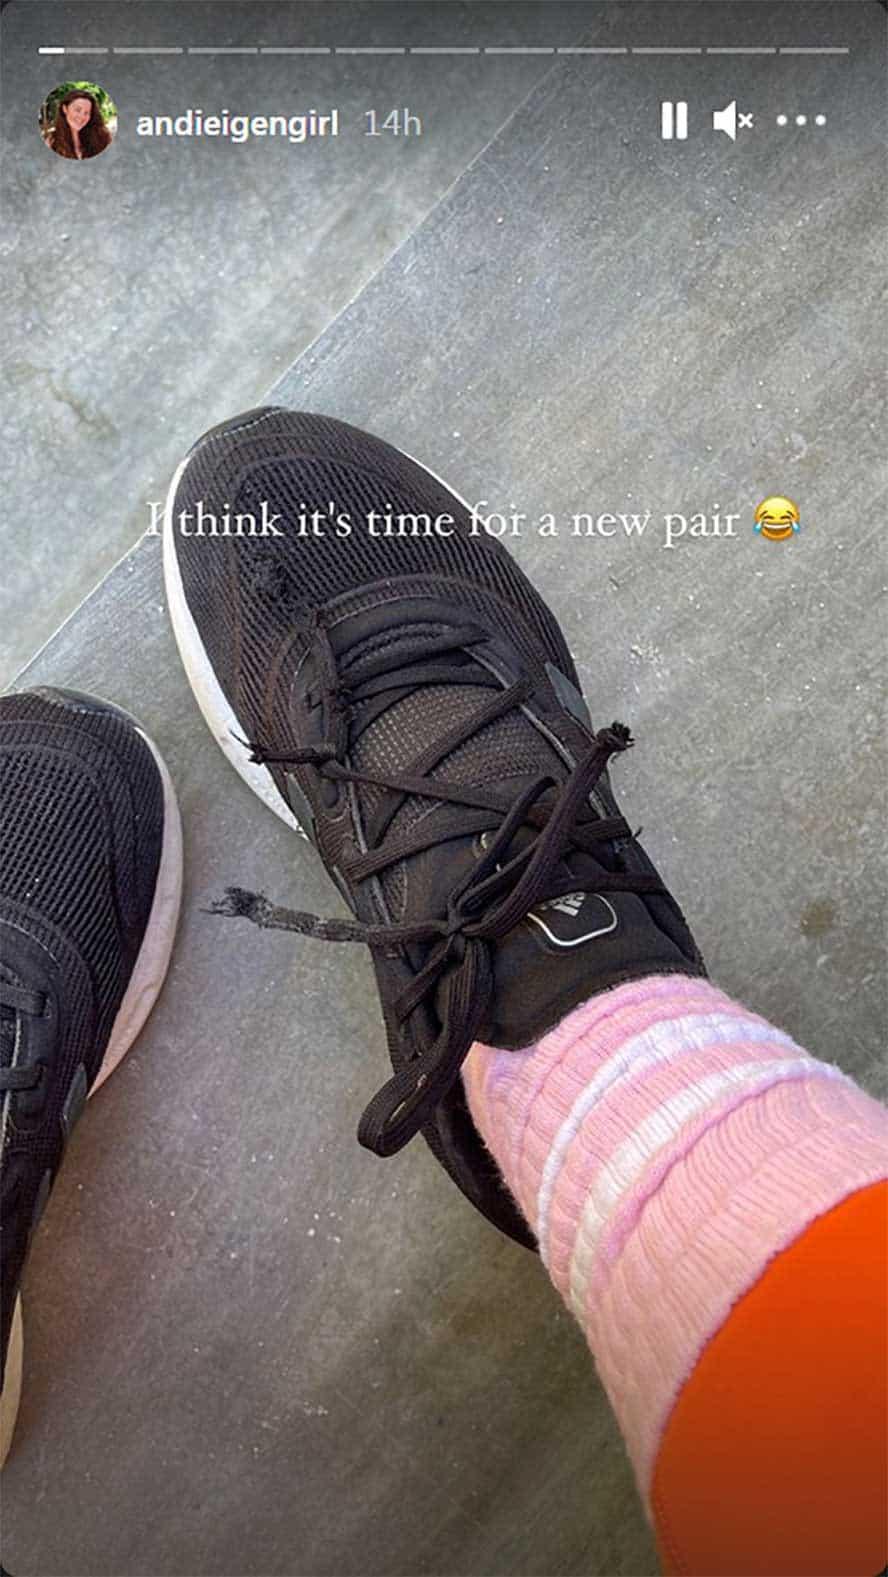 """Andi Eigenmann, ipinakita ang resibo na hindi siya maluho: """"Time for a new pair"""""""